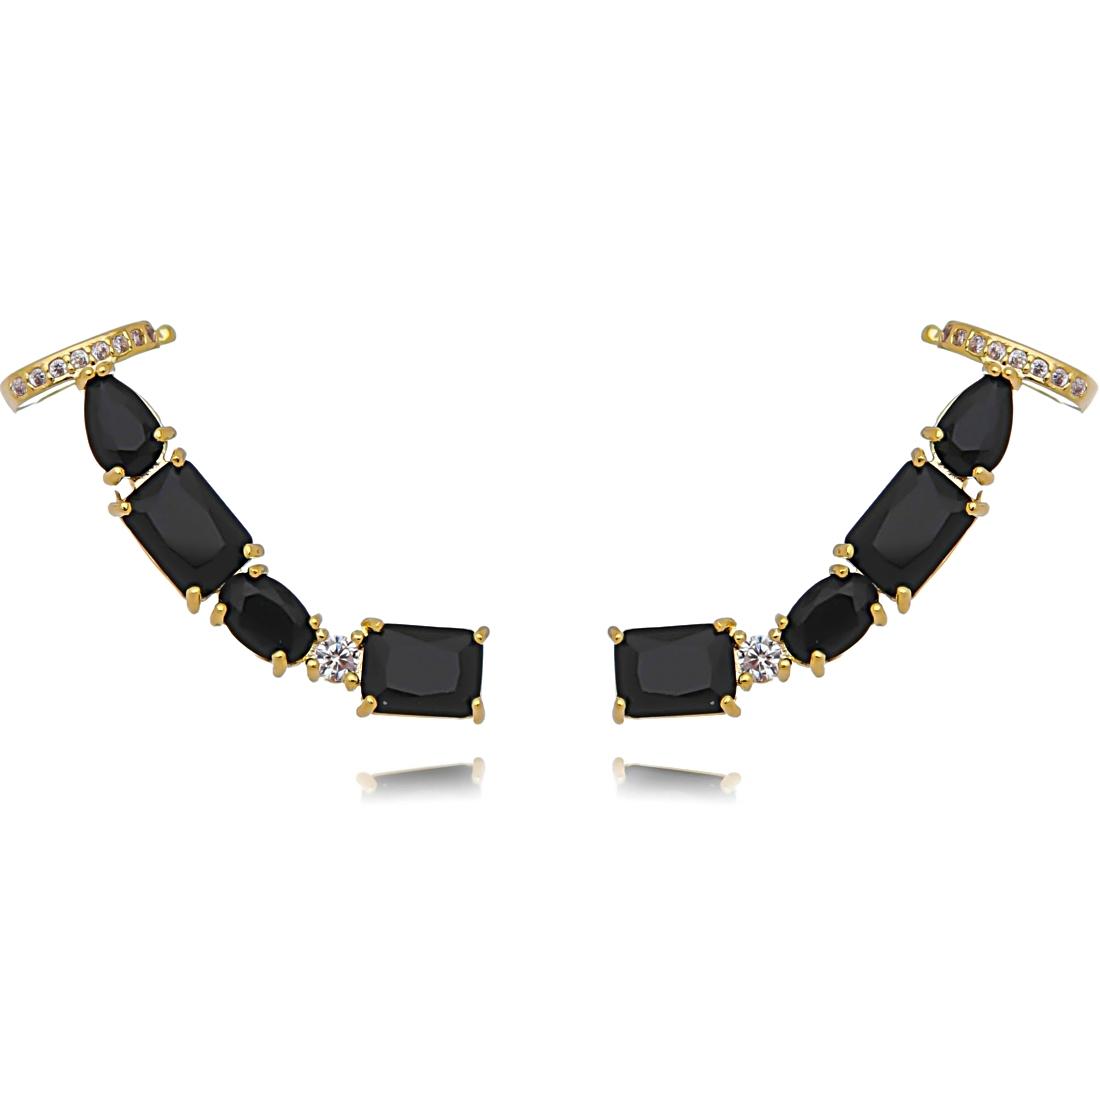 Ear Cuff Preto Dourado Grande com Piercing Semijoia Ouro  - Soloyou